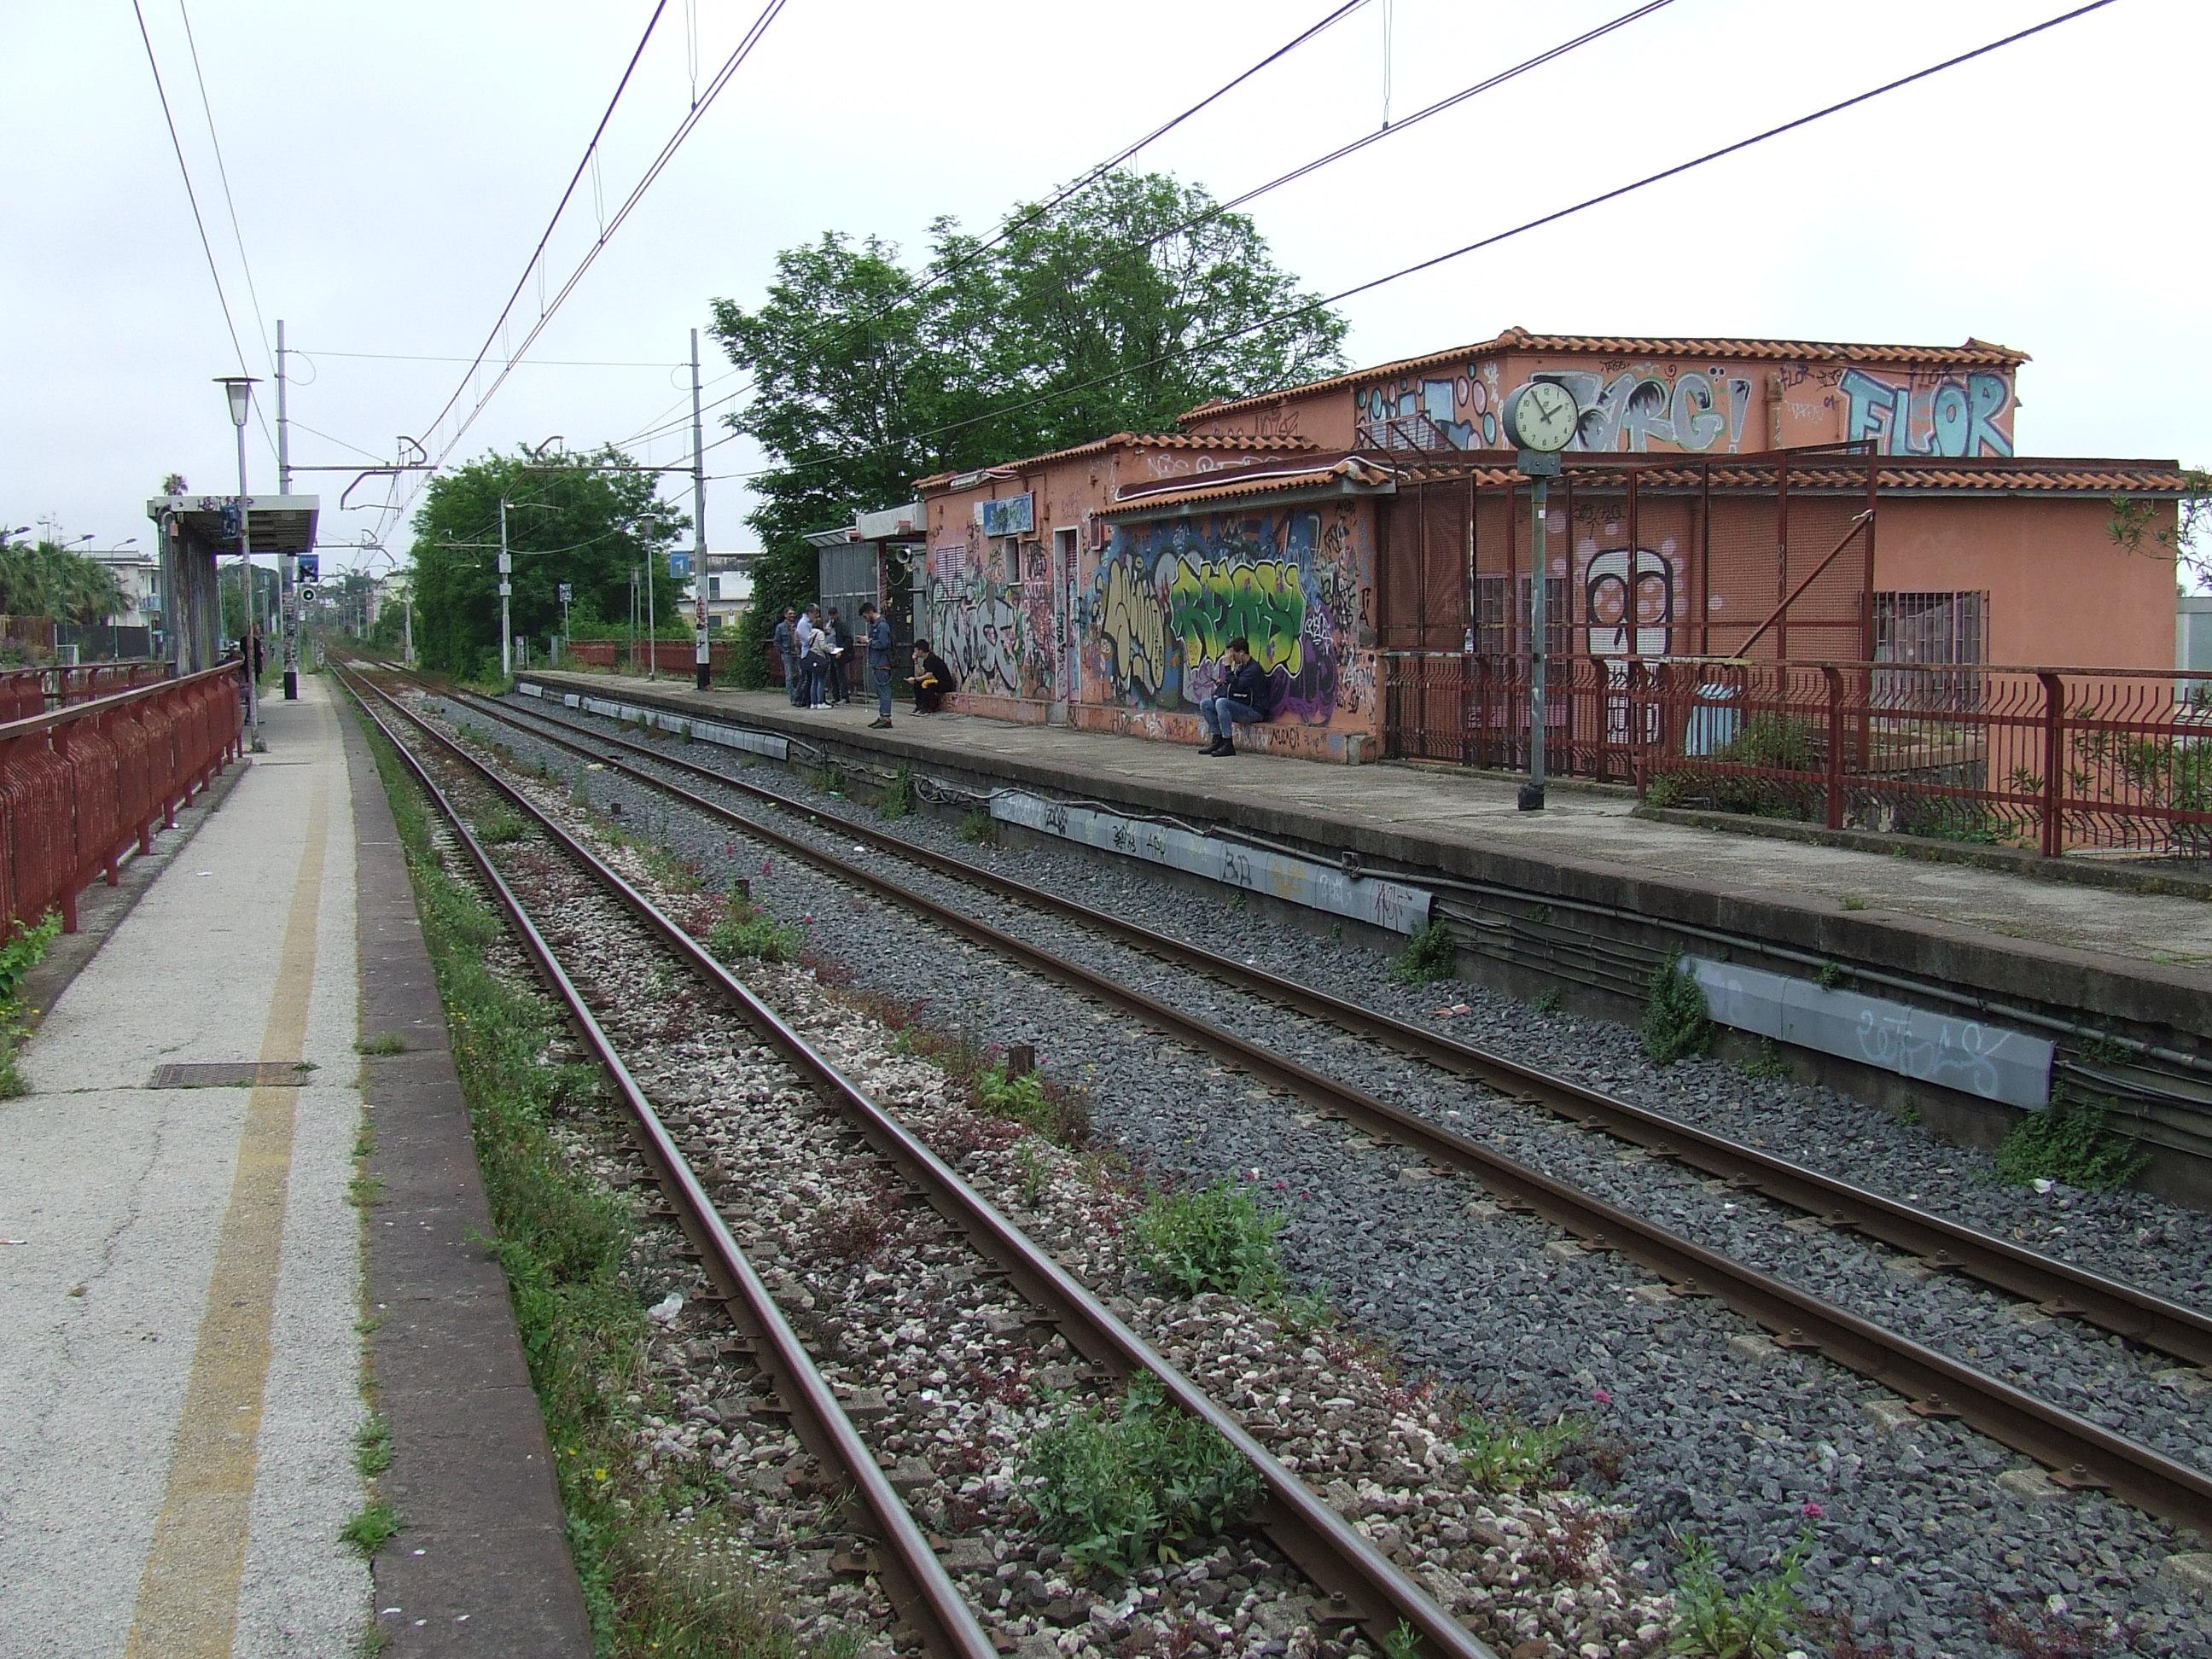 Stazione di Via Sant'Antonio - Wikipedia